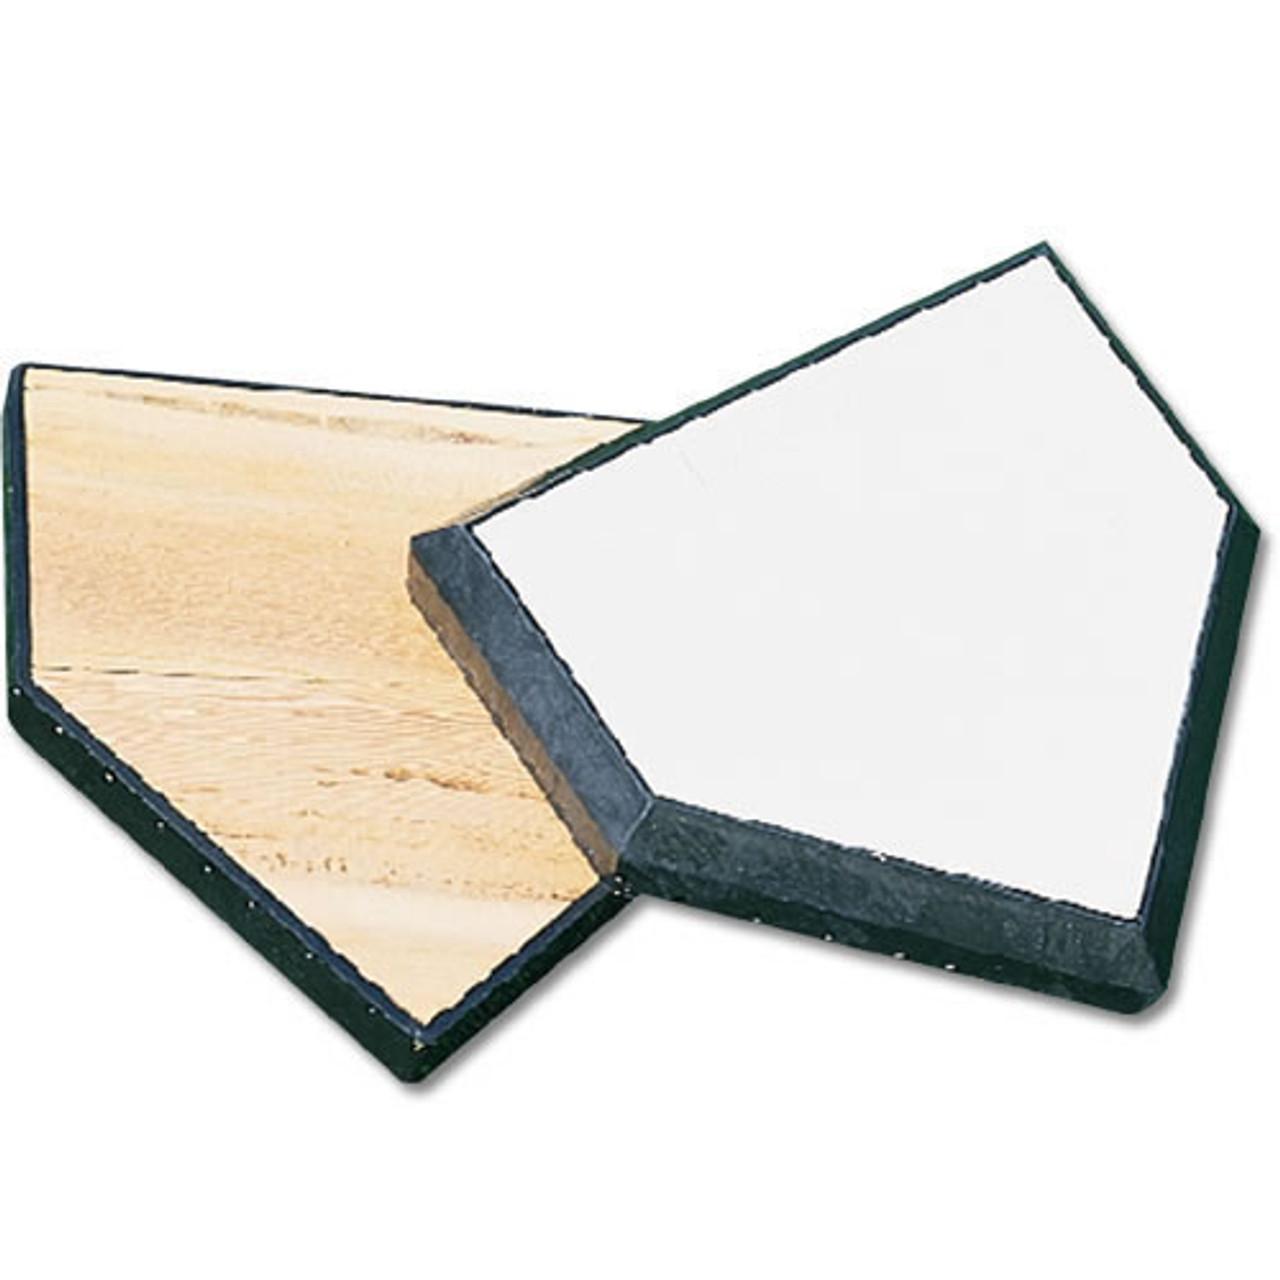 Wood-filled baseball home plate